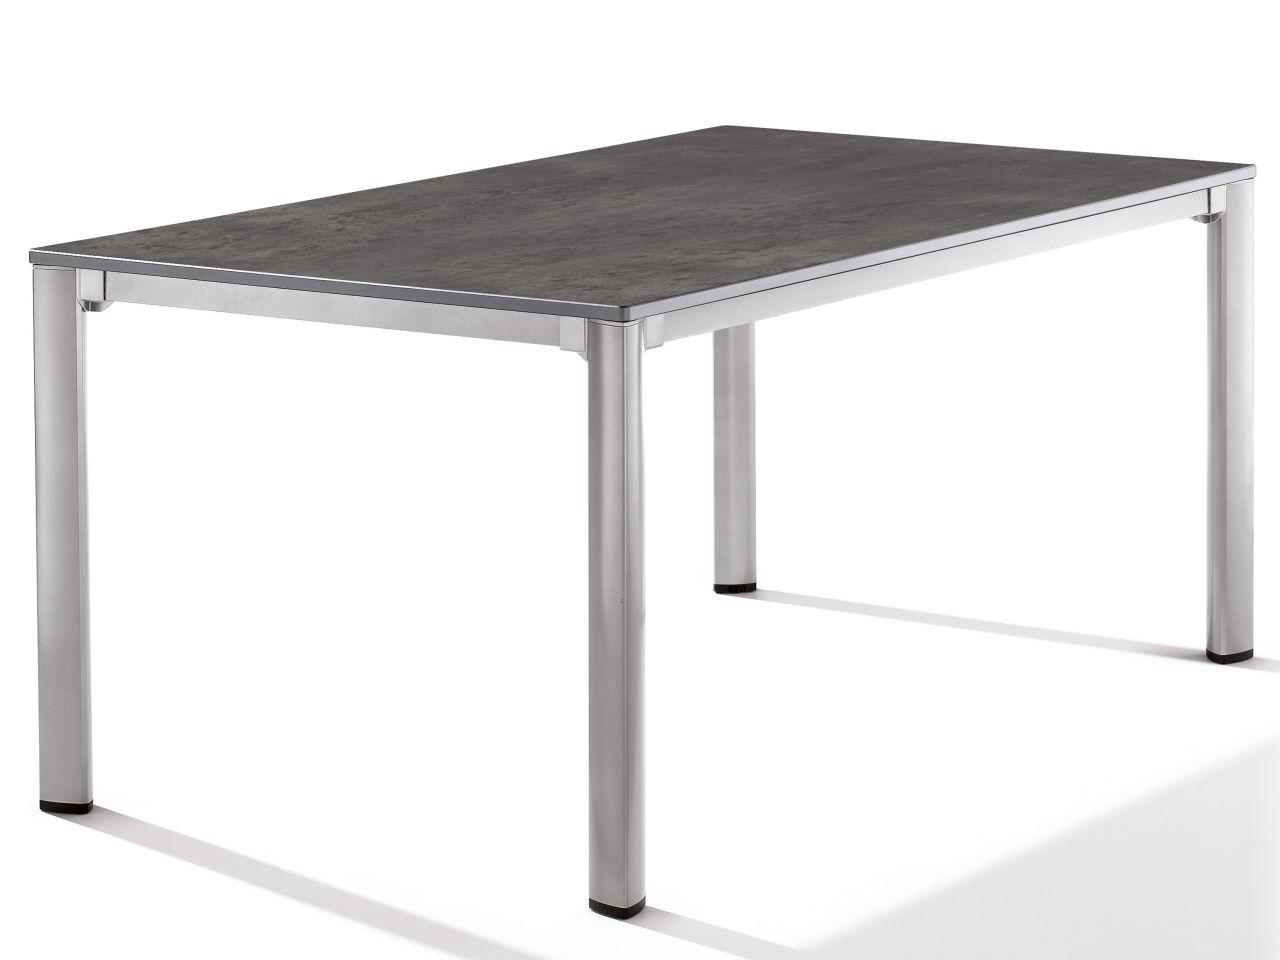 Sieger Gartentisch Loft 165x95cm graphit/Beton dunkel